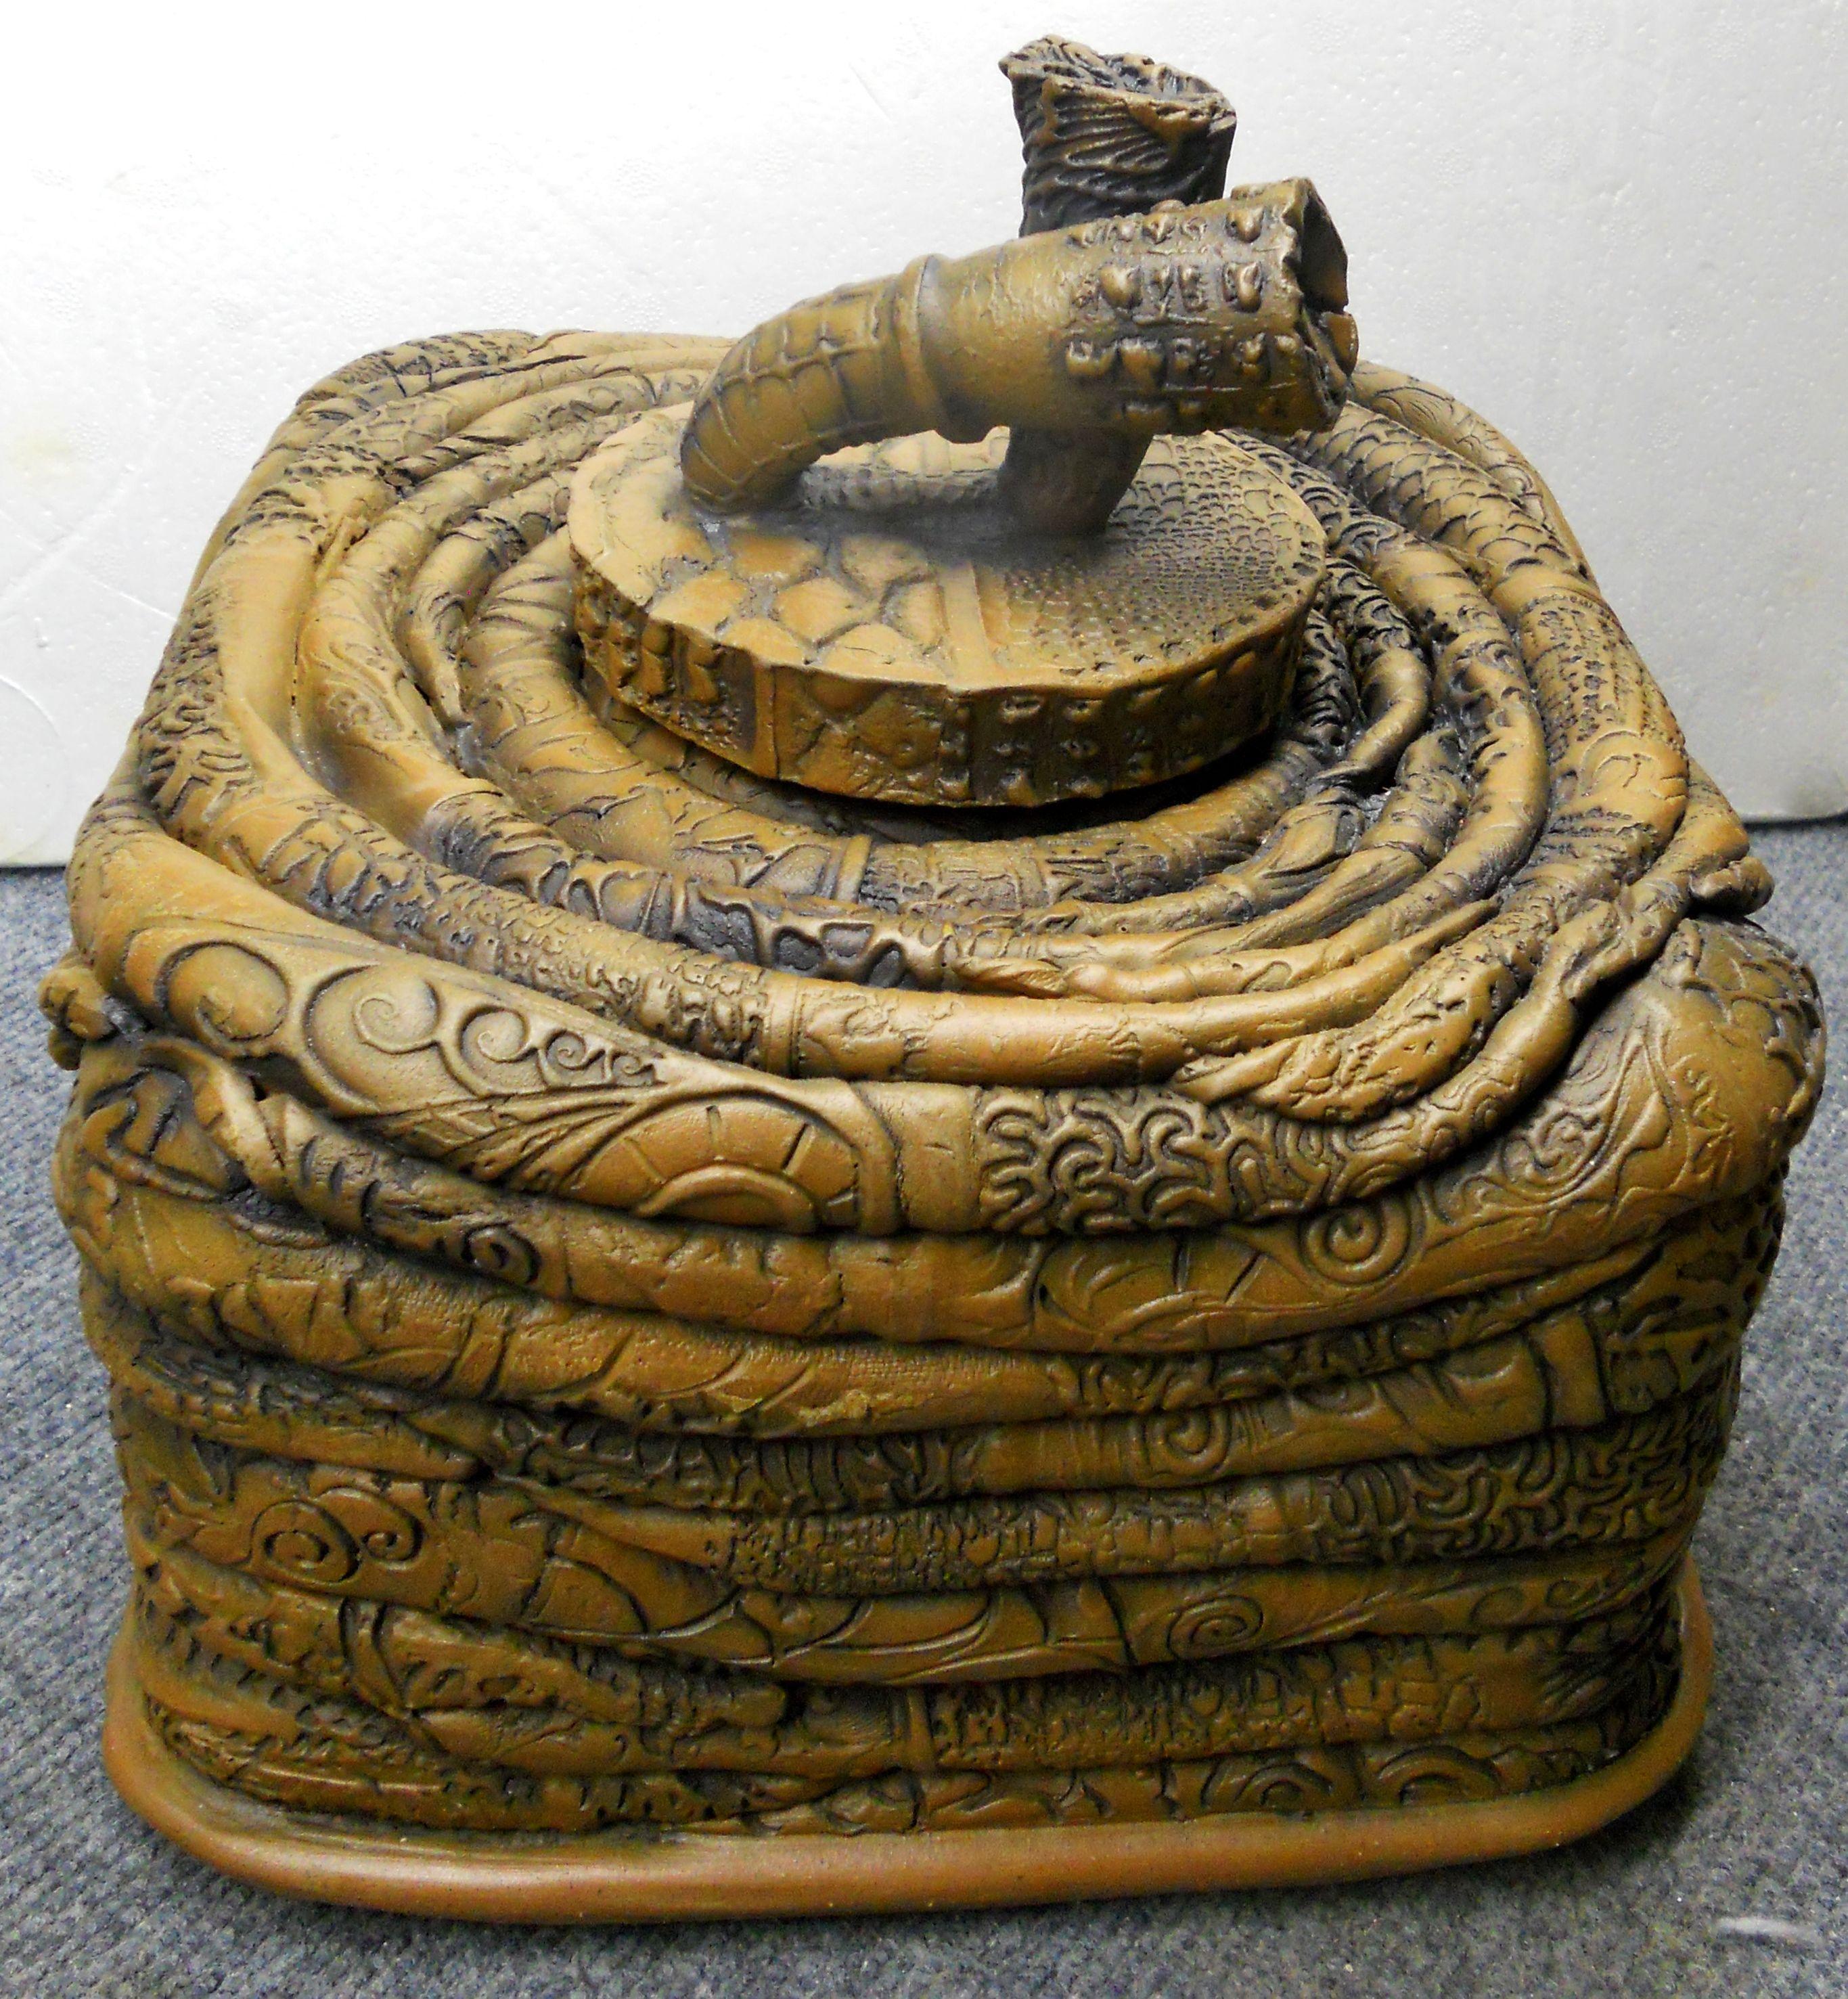 Ceramic box shape by Blayne.